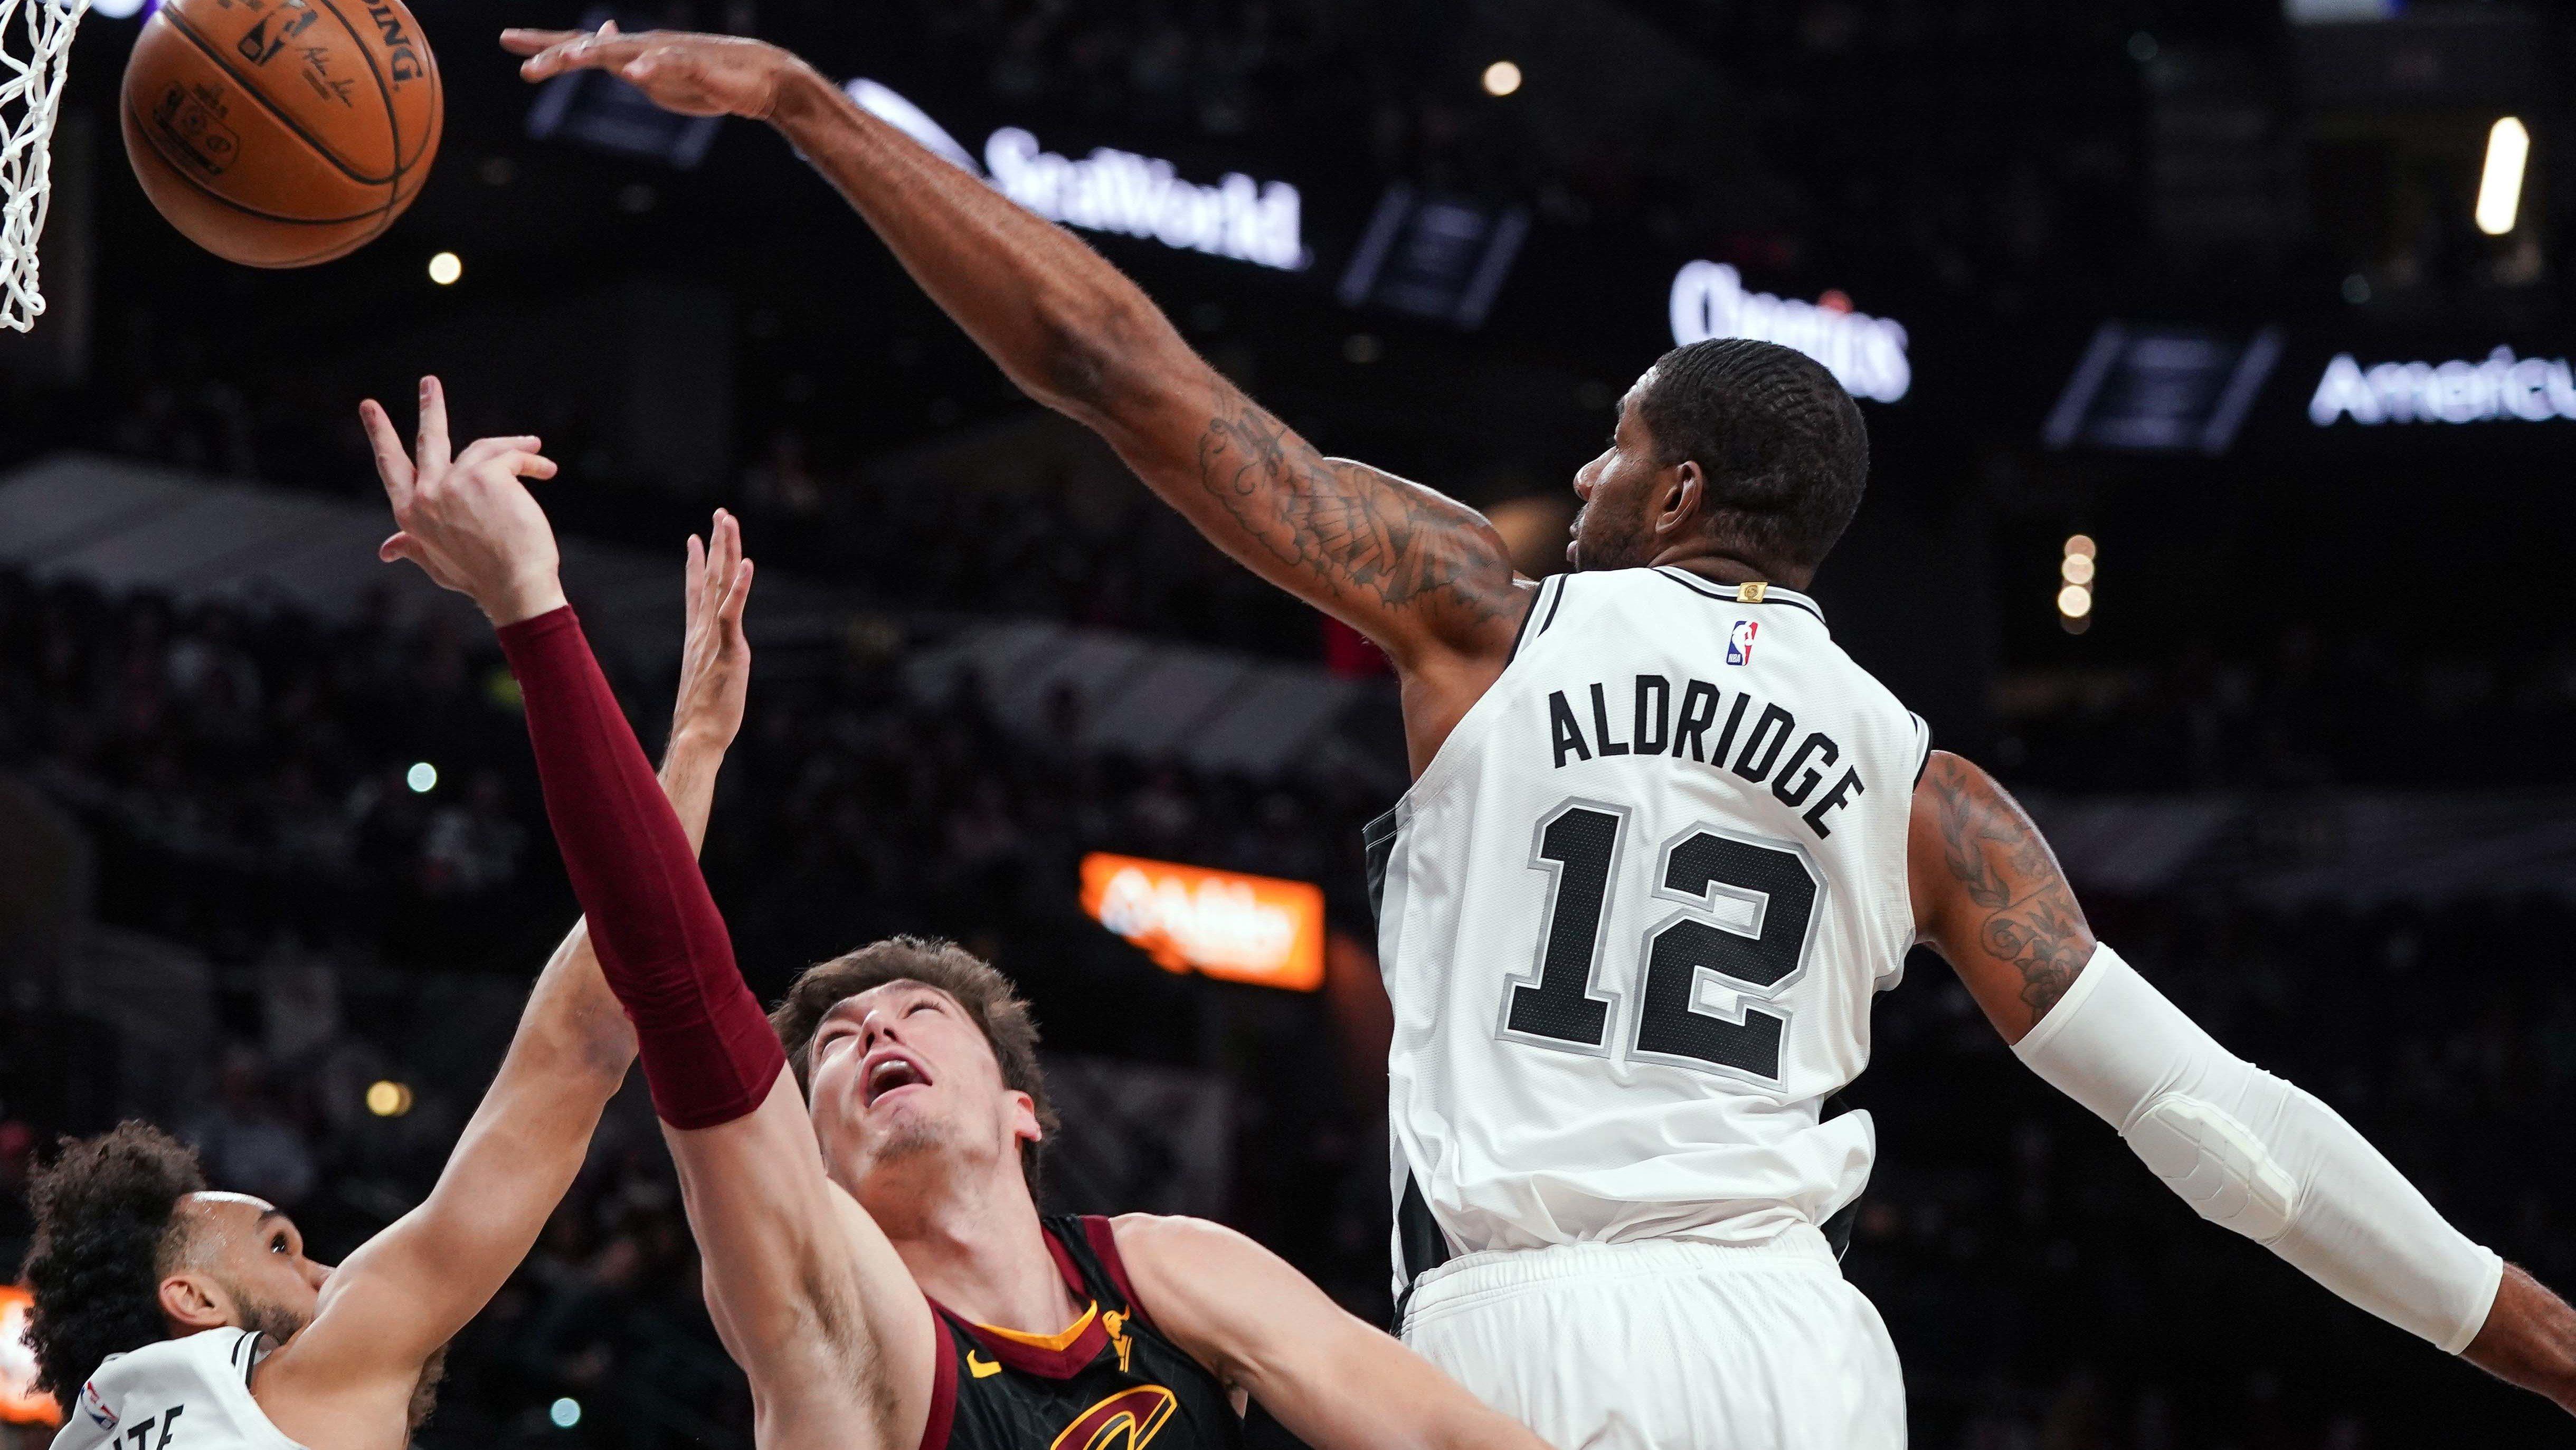 【扣篮】肉眼可见的天赋!穆雷抢断反击滑翔劈扣_NBA全场集锦